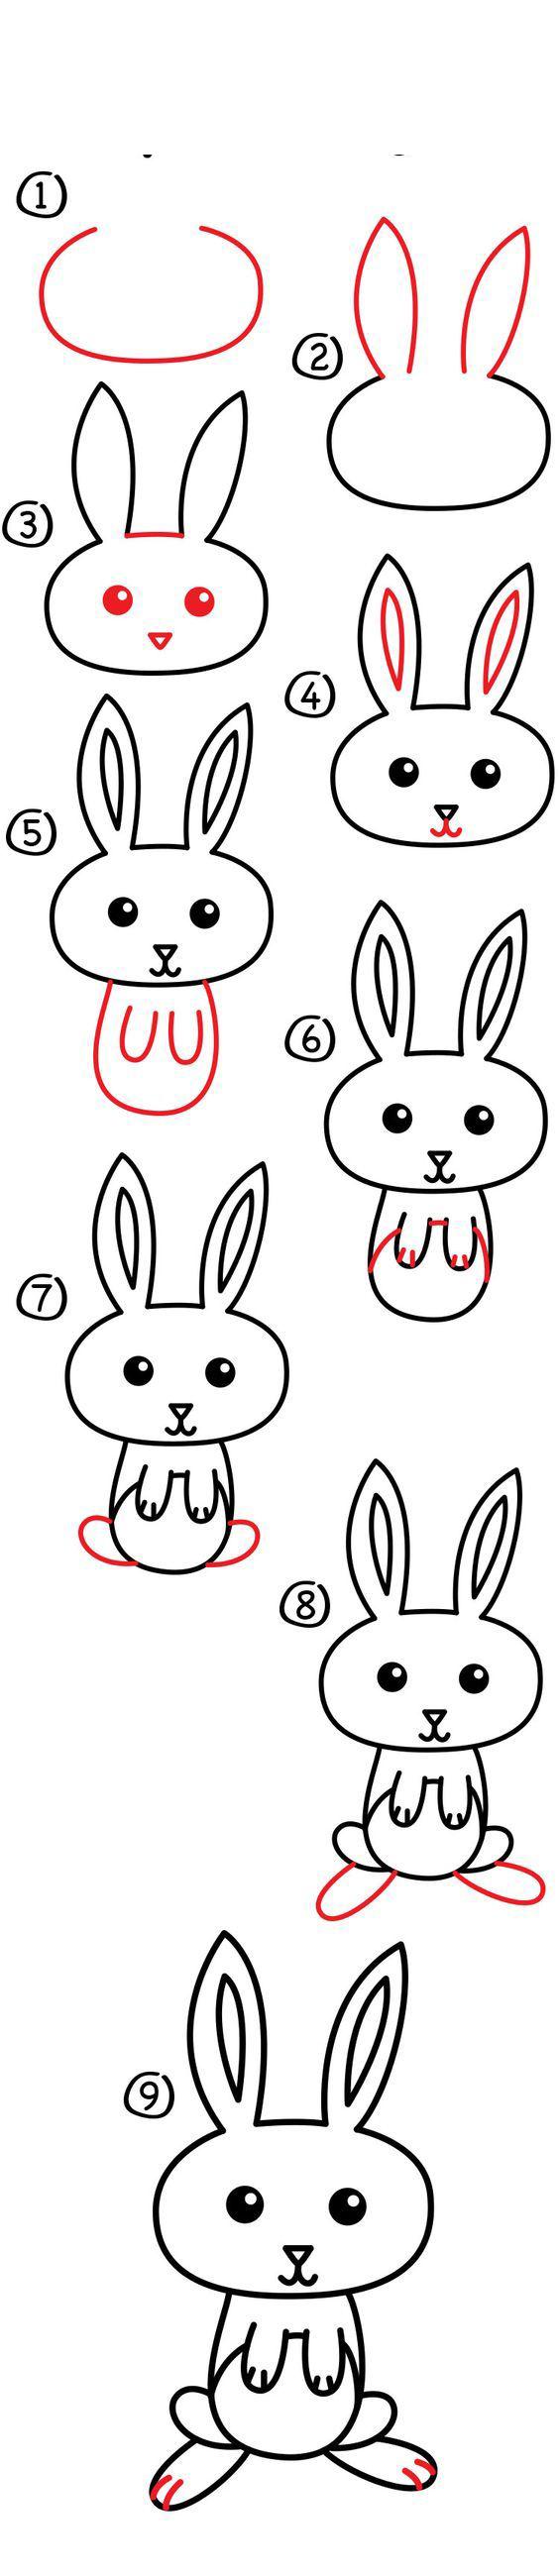 رسومات جميلة وسهلة اجمل وارق الرسومات السهلة بالخطوات كيوت